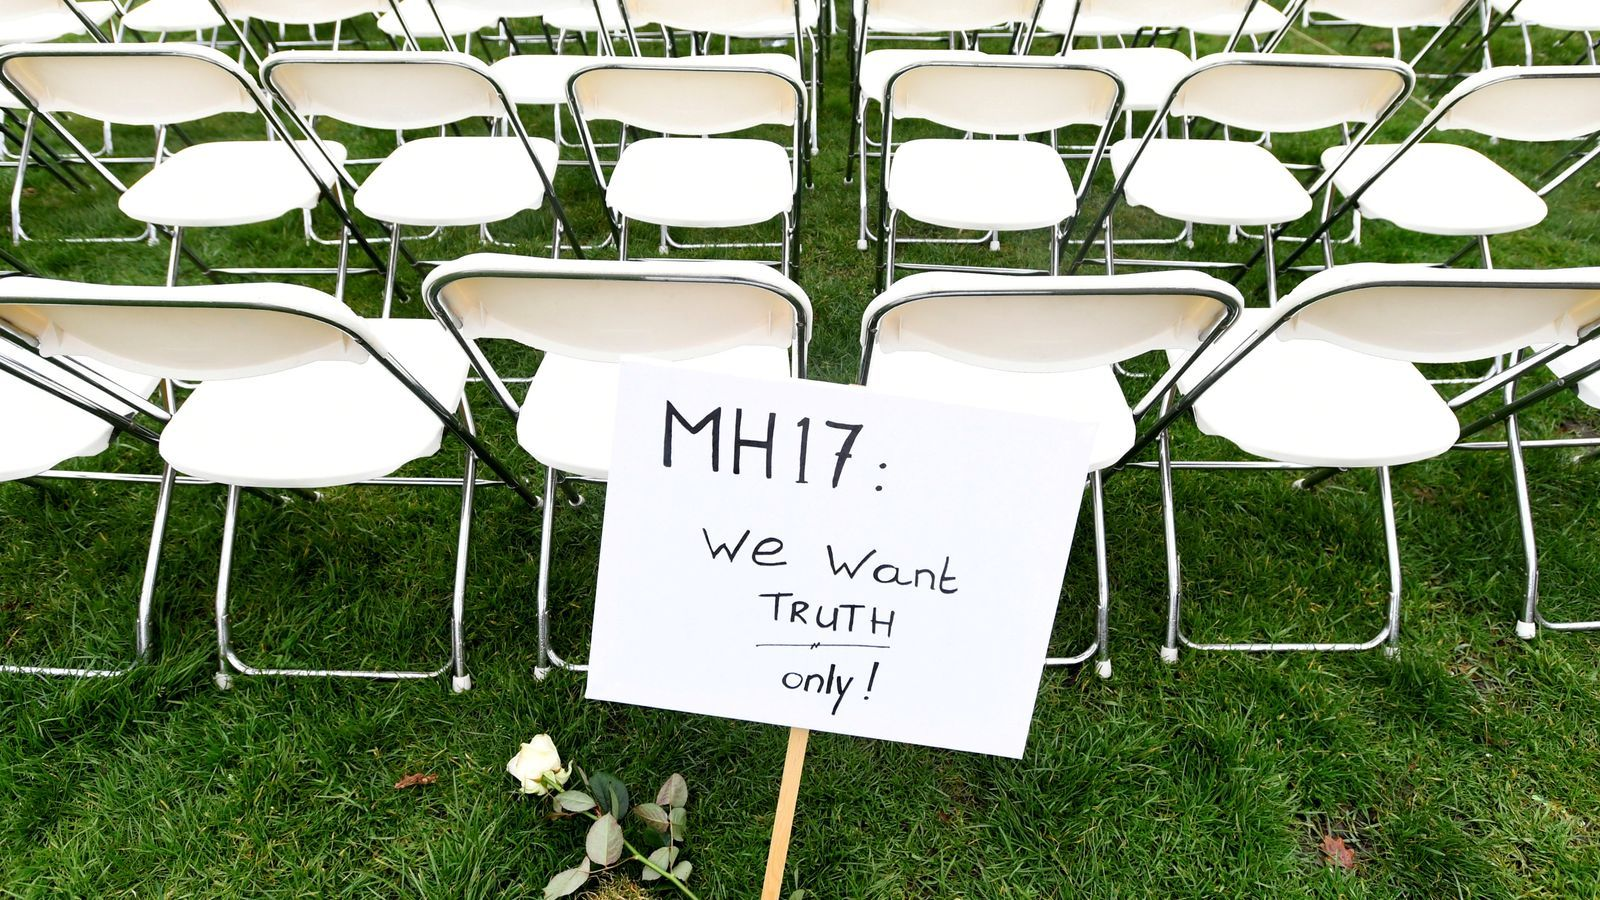 Imatge d'arxiu d'un acte organitzat per familiars de les víctimes del MH17 davant de l'ambaixada russa de l'Haia amb un cartell que reclama saber la veritat